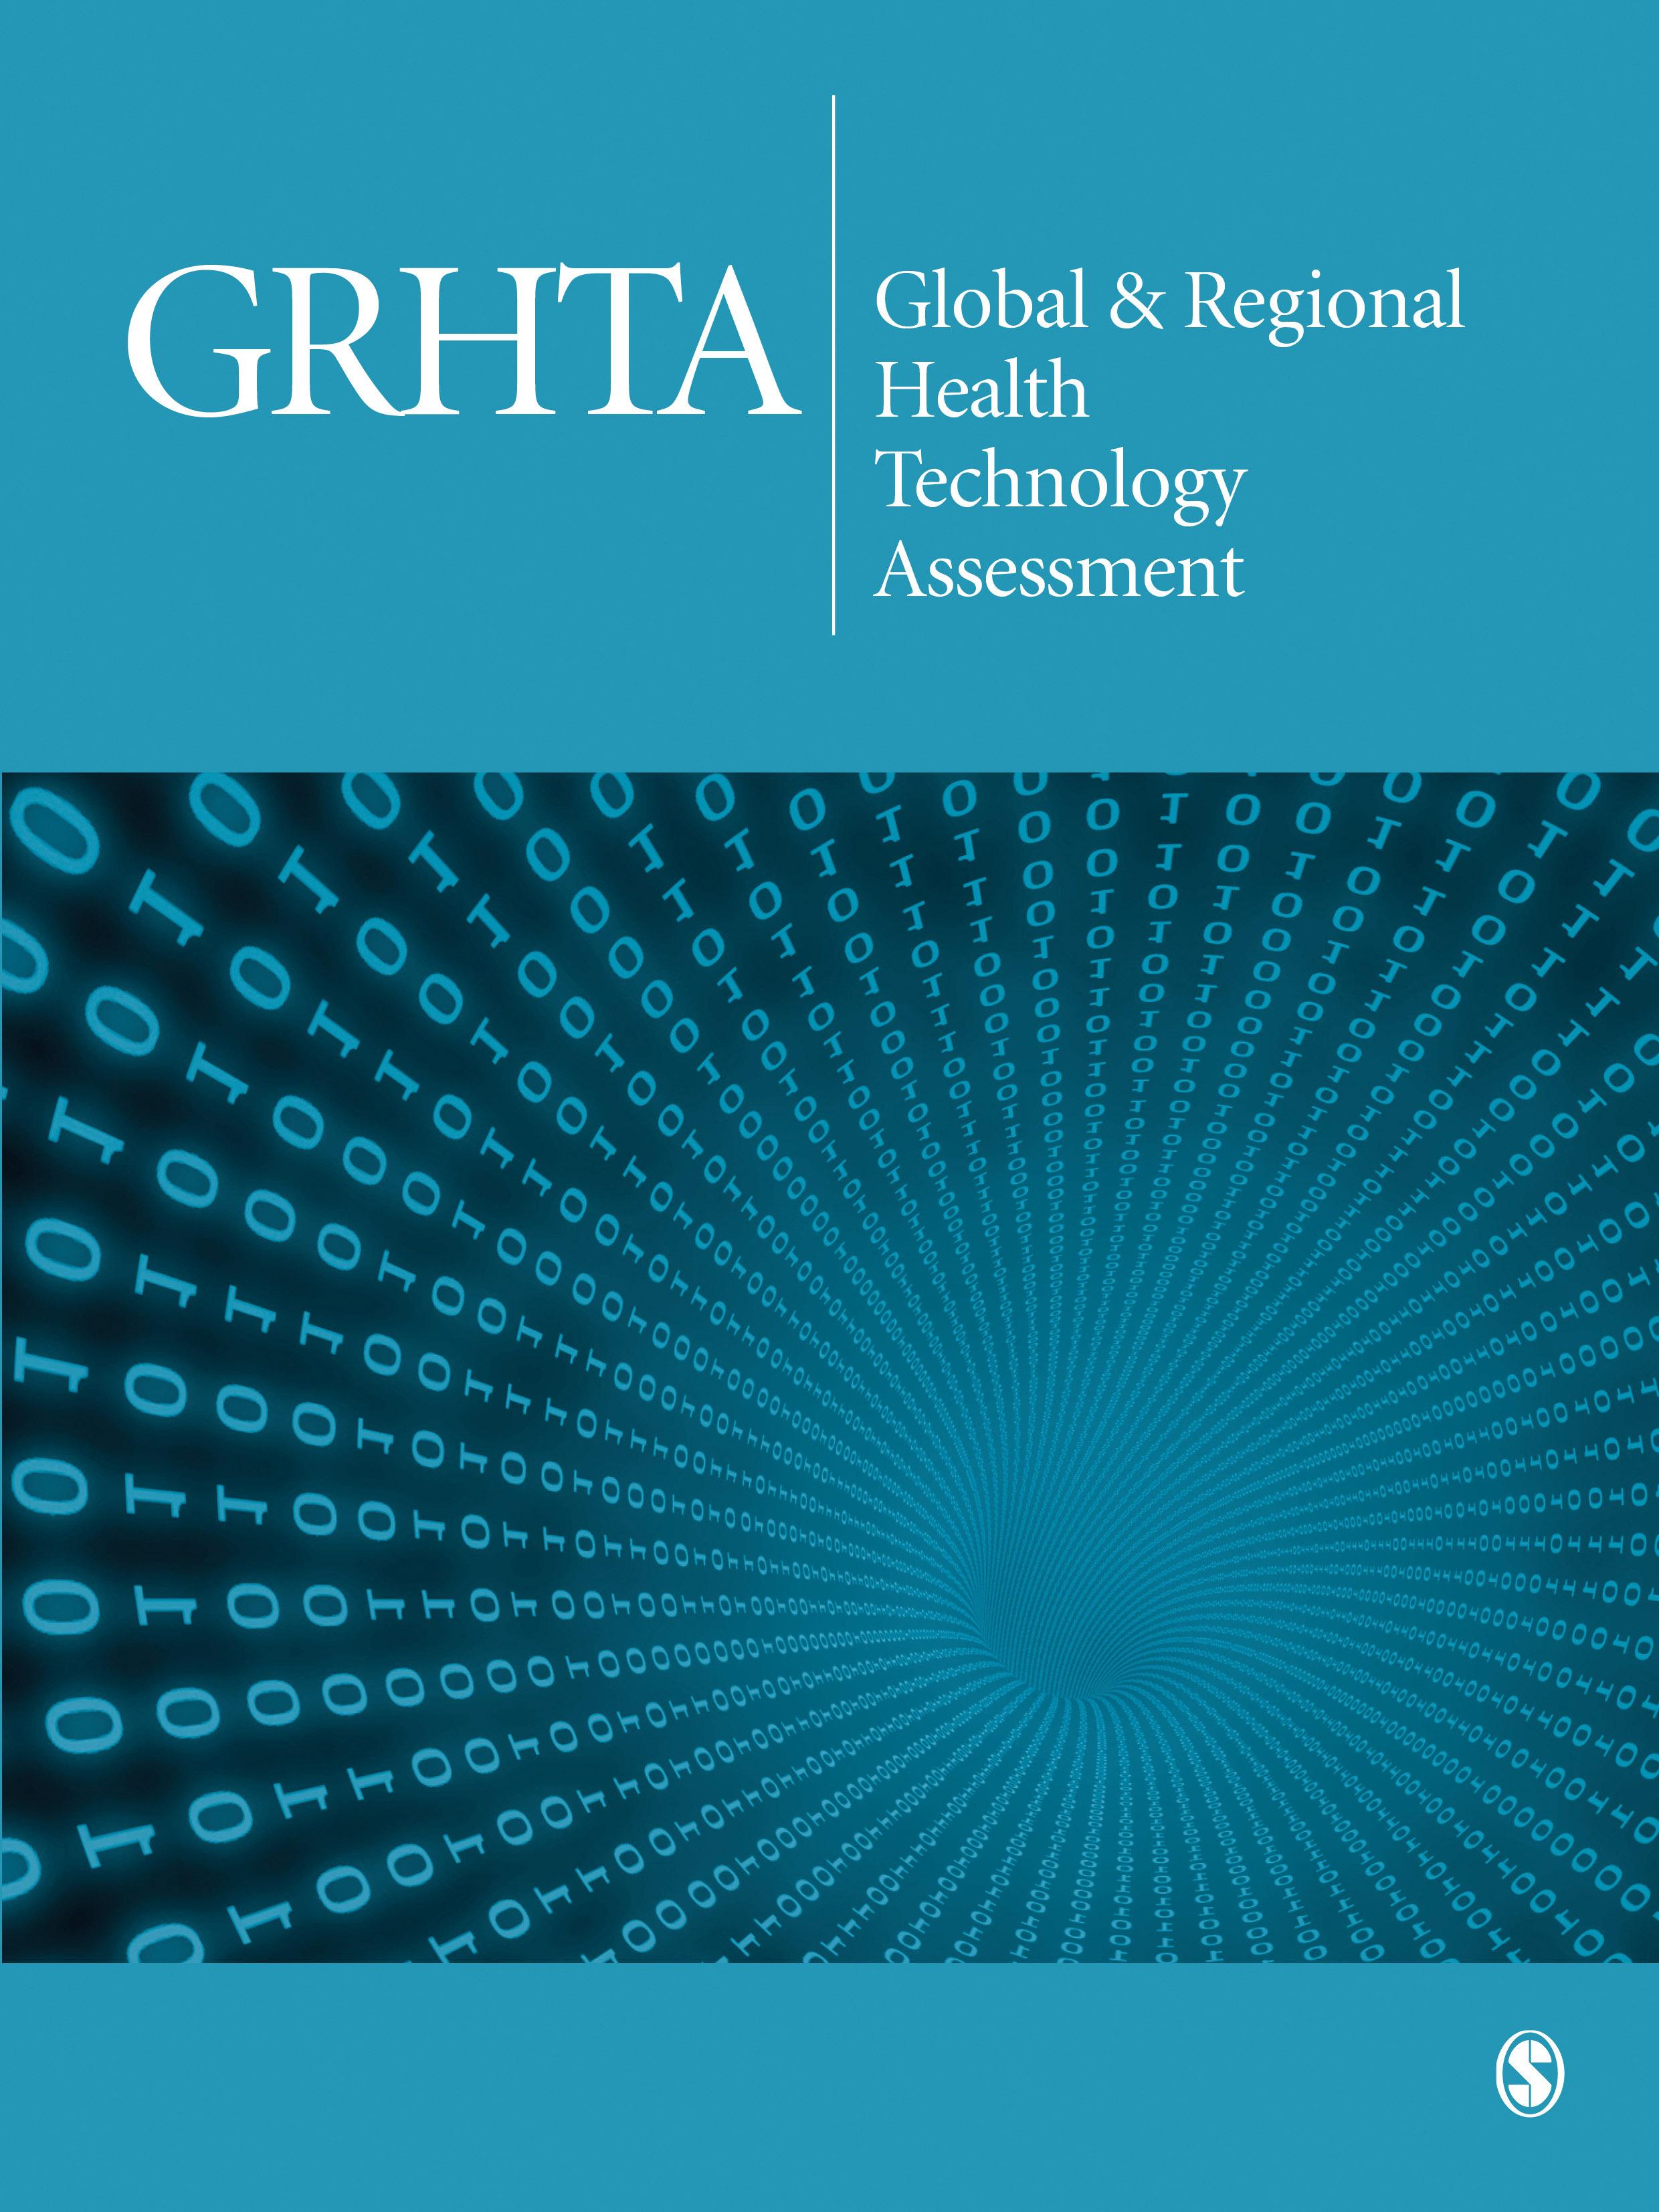 Global & Regional Health Technology Assessment